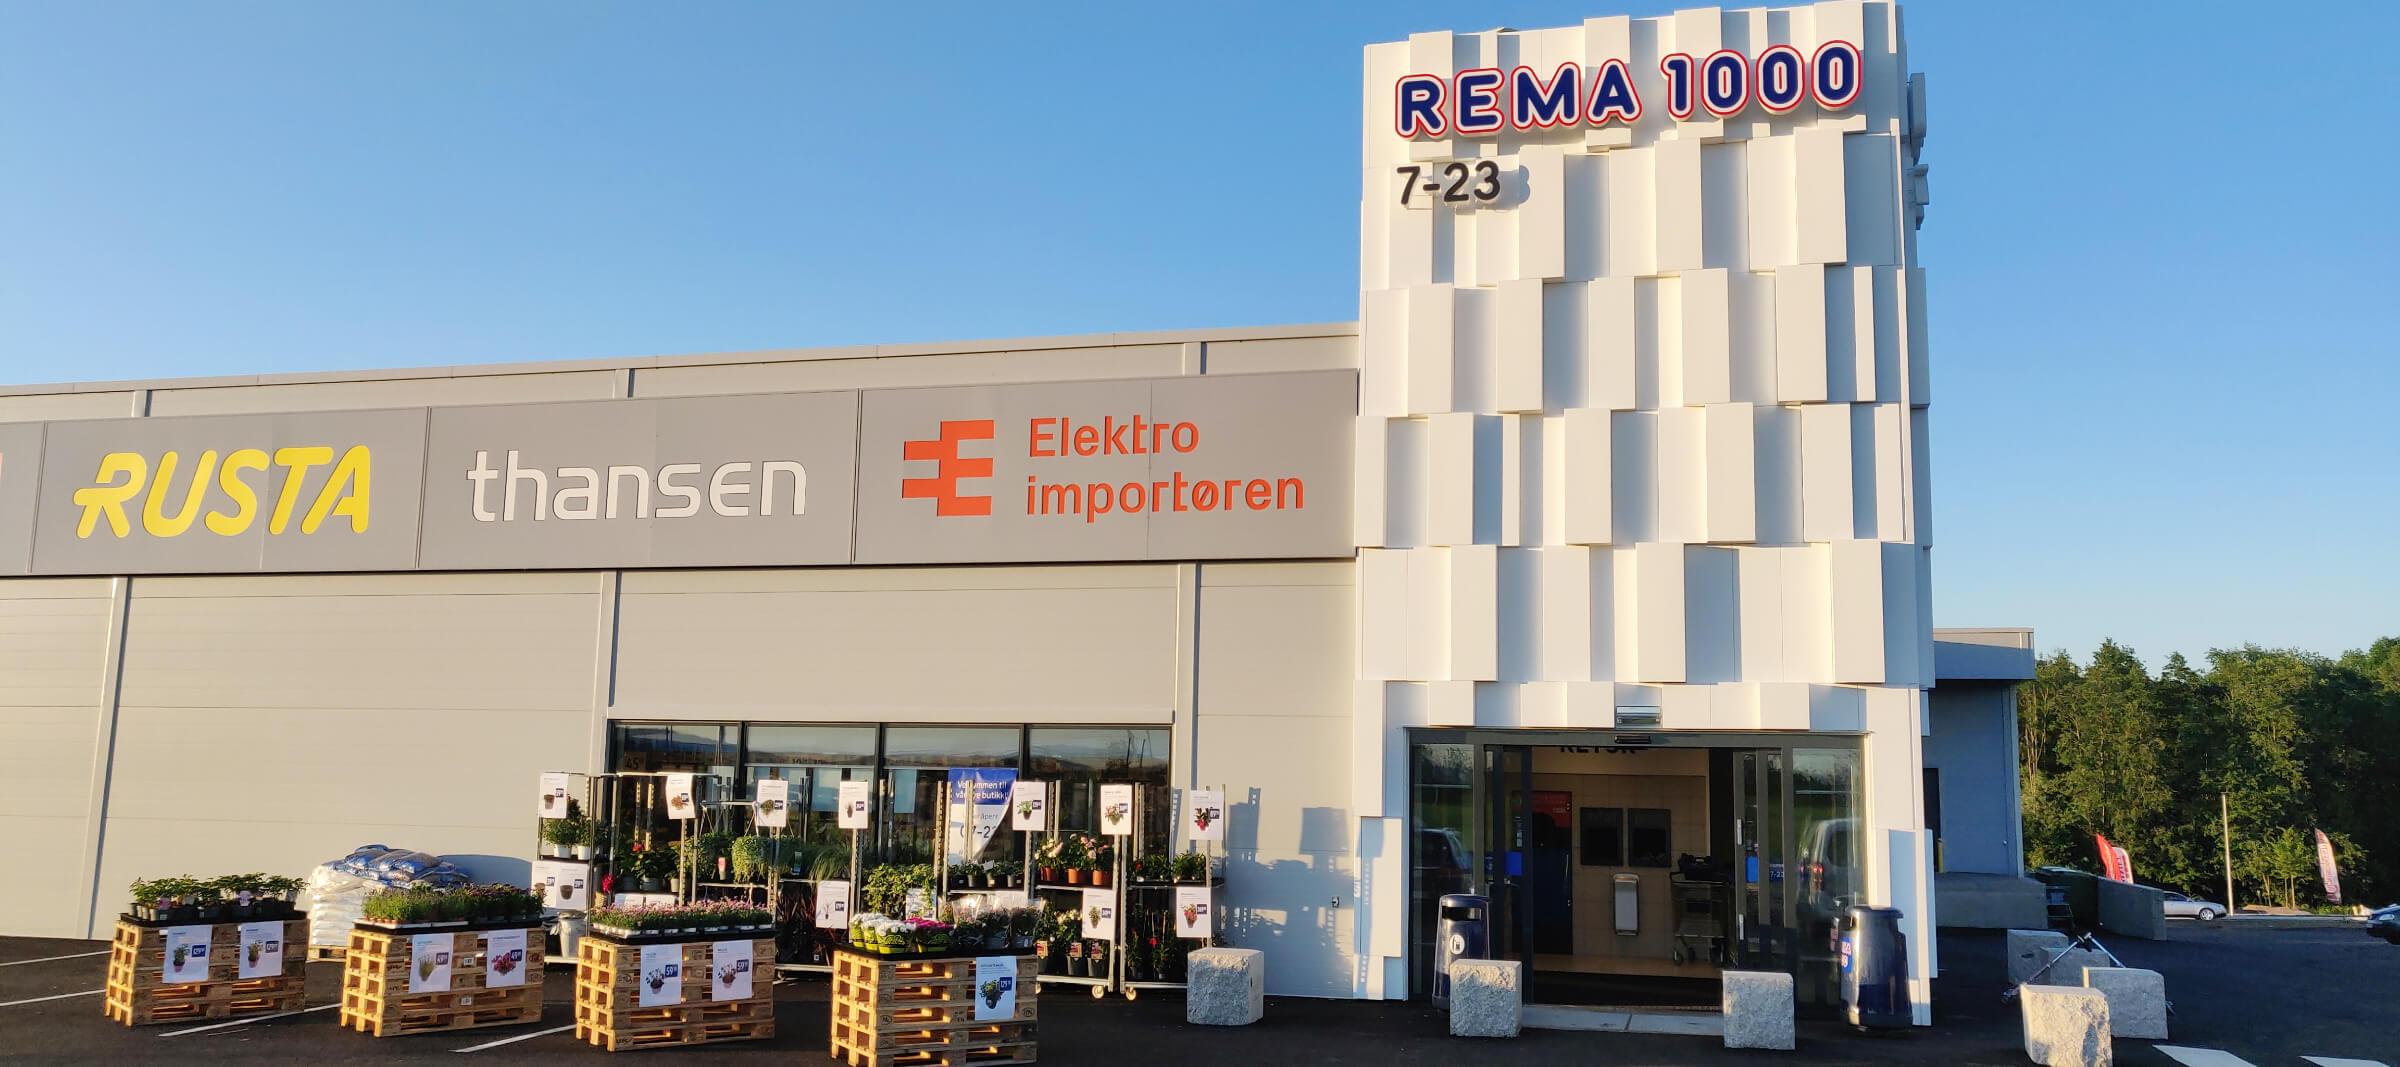 REMA 1000 Byporten Jessheim